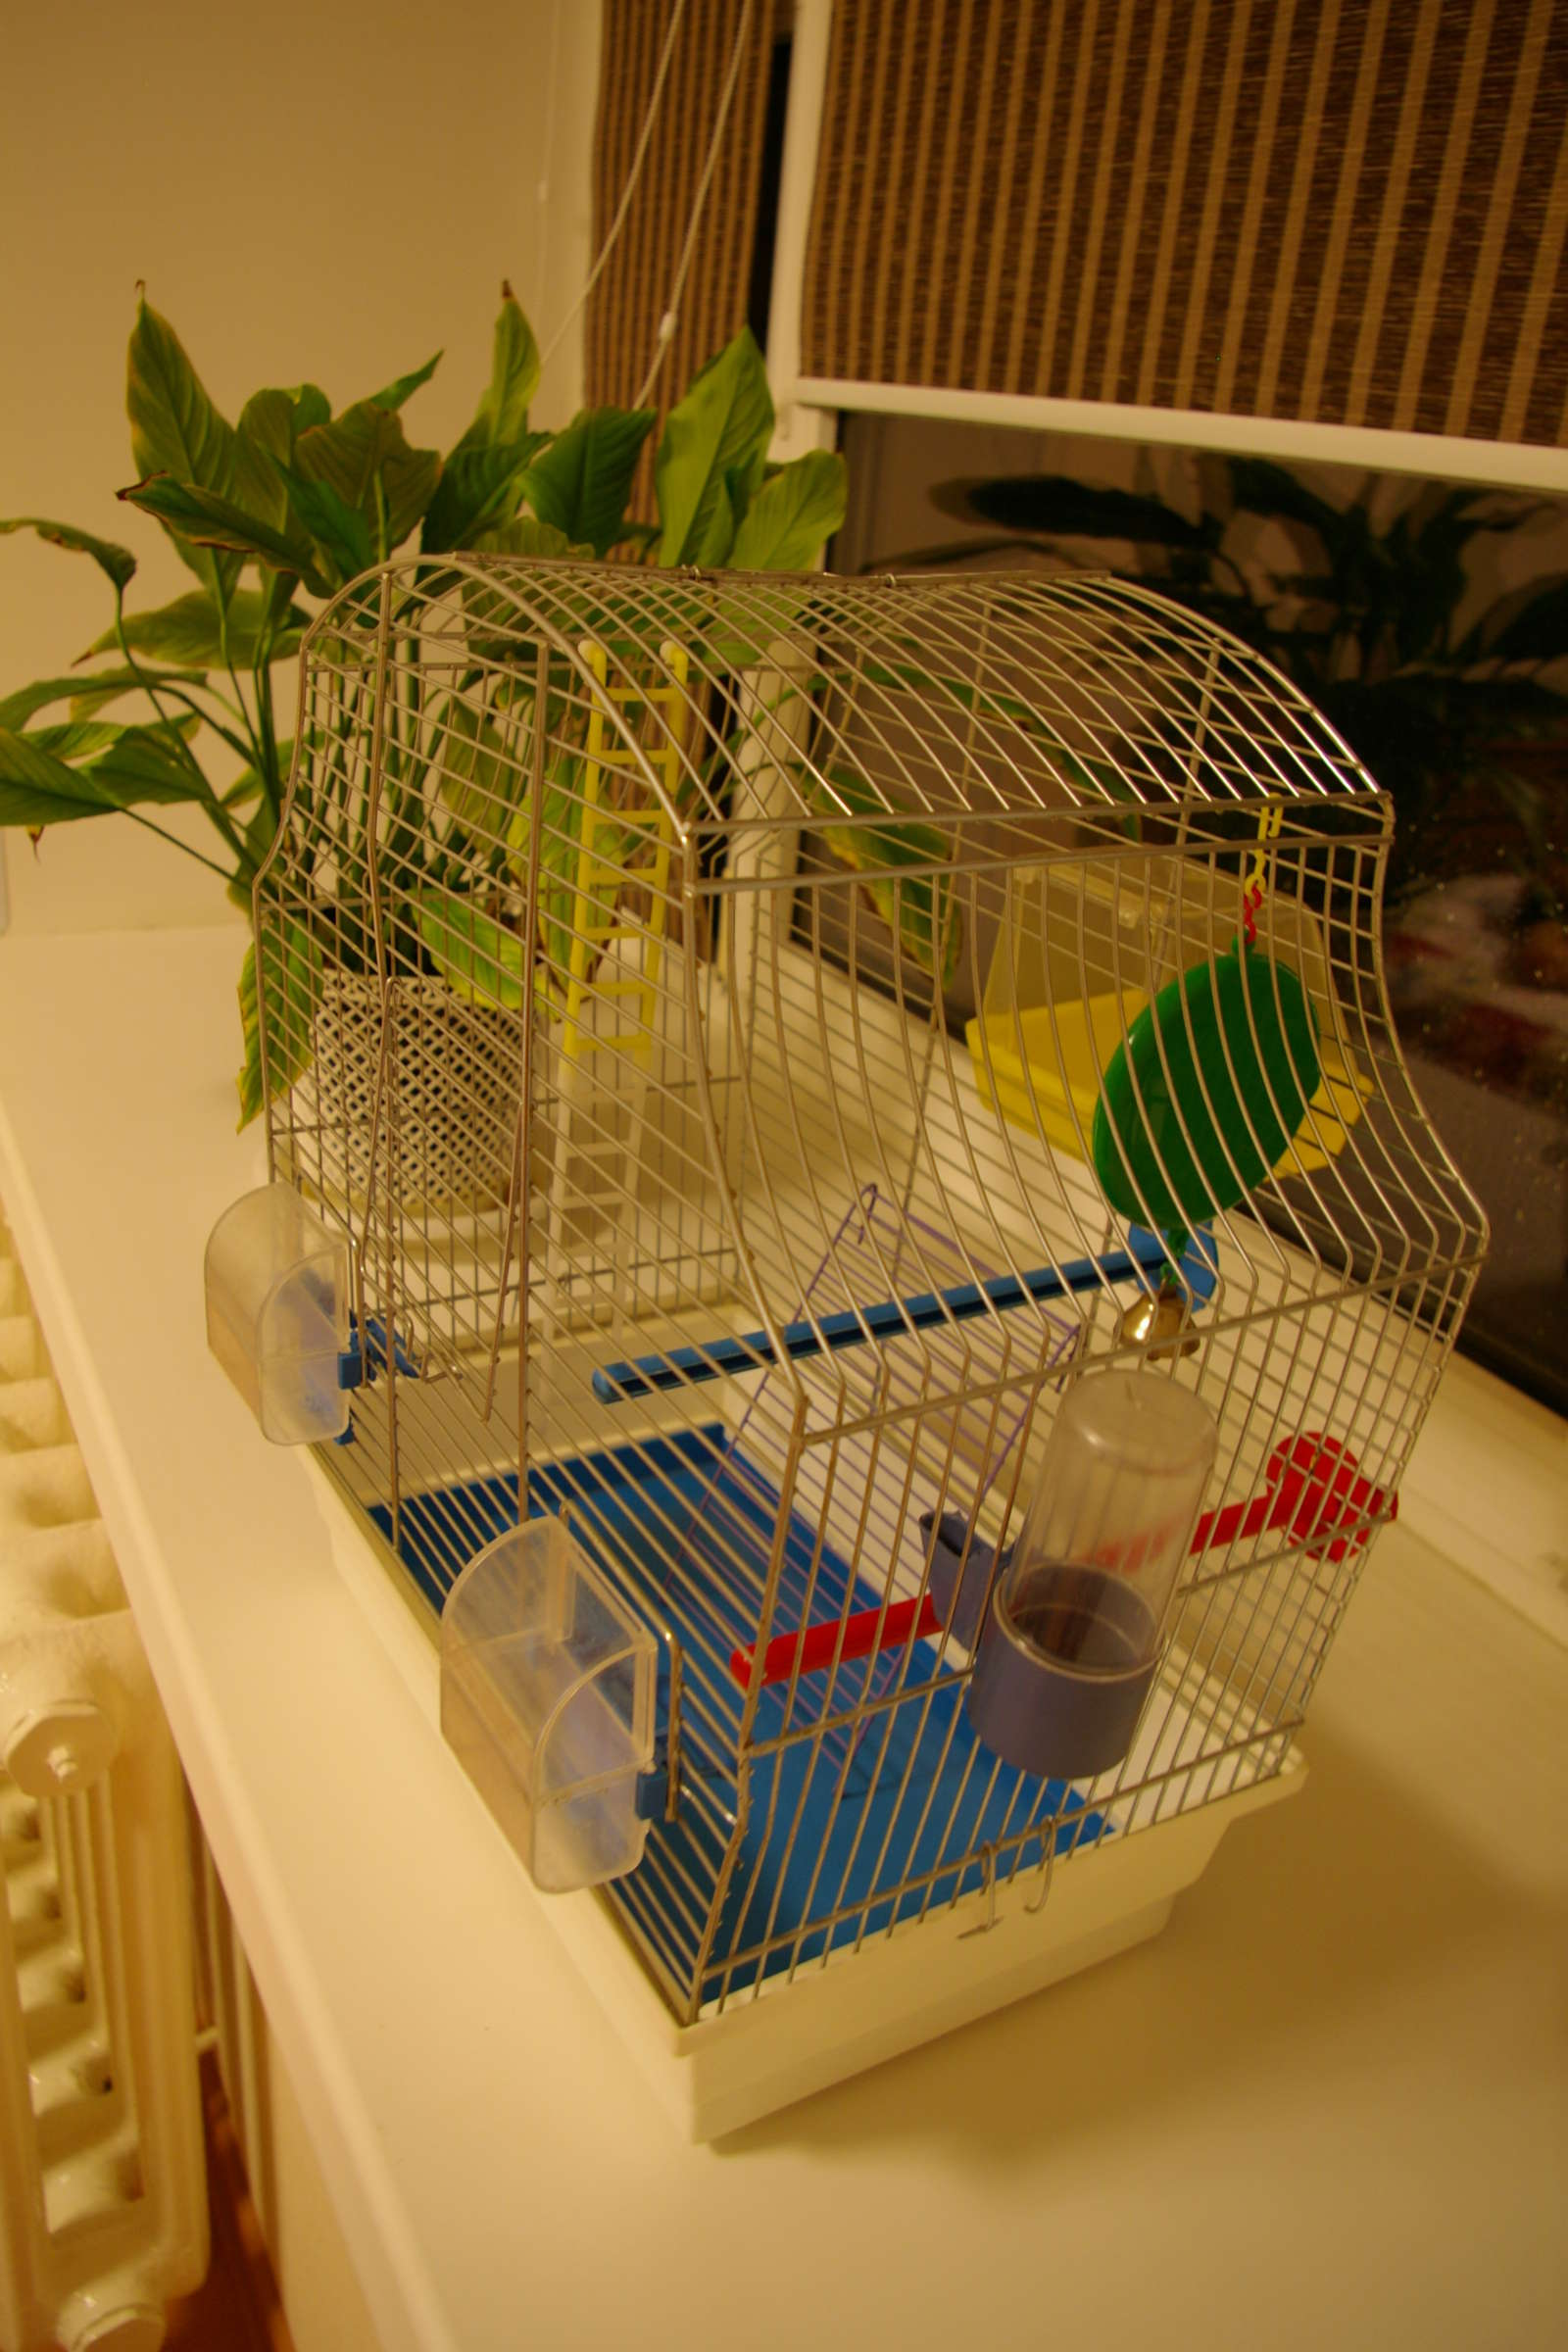 Полка для клетки с попугаем своими руками